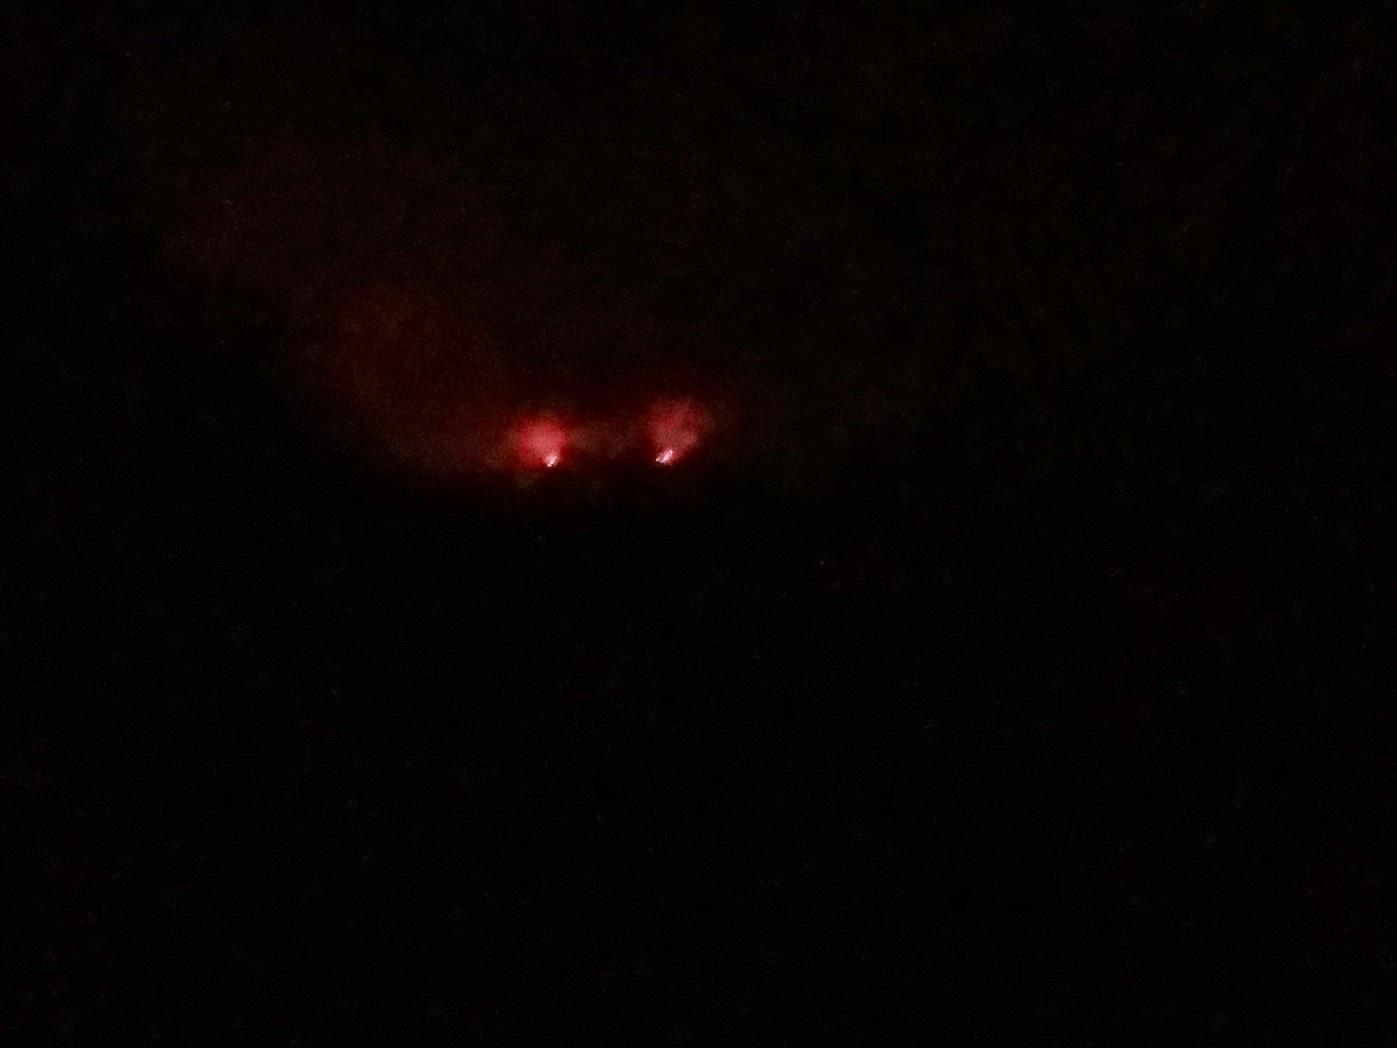 Over LEVEN in Spanje bosbrand